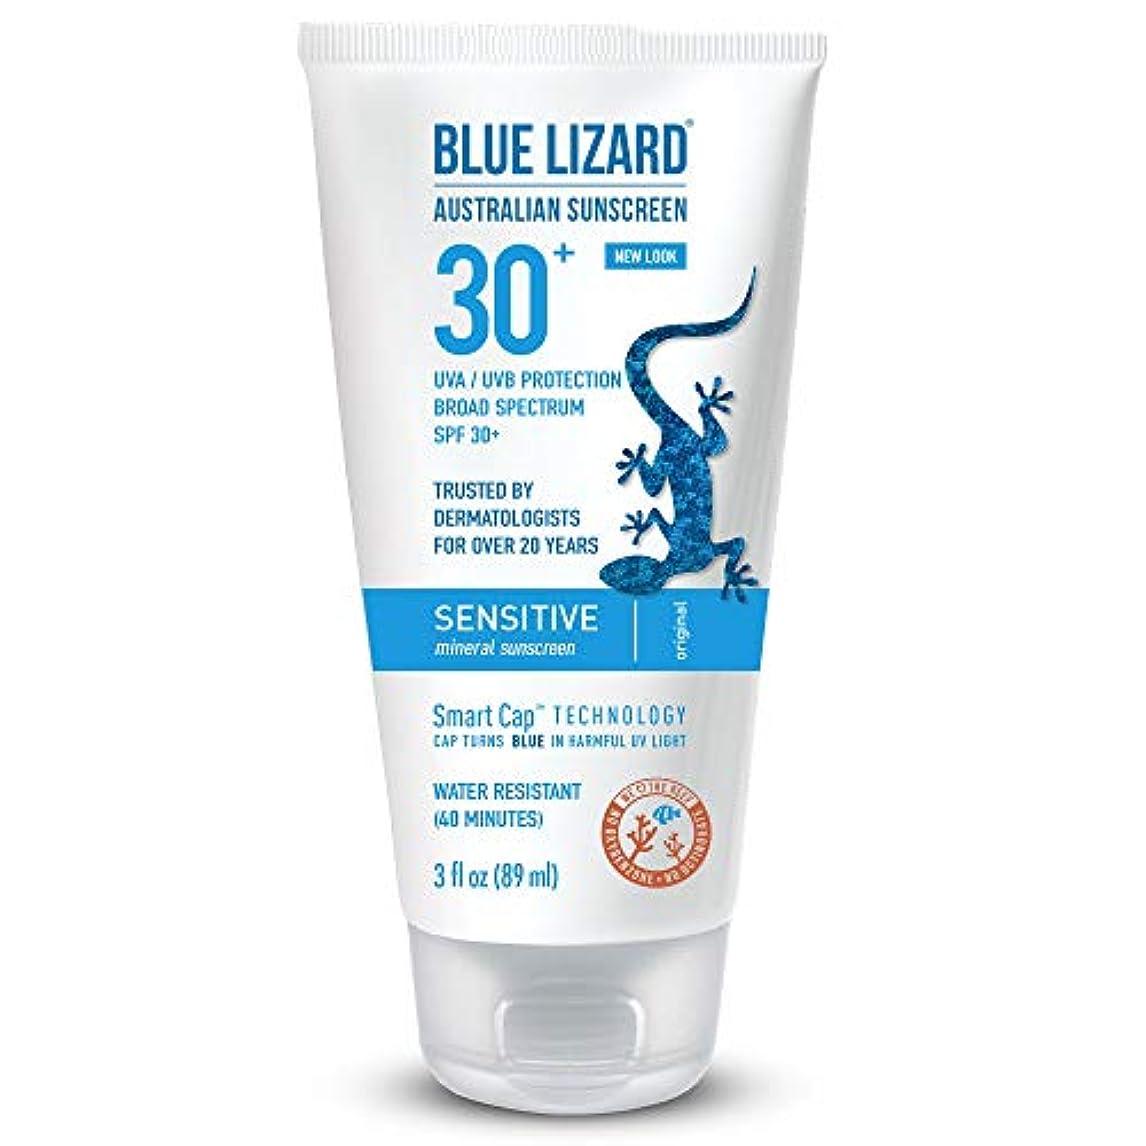 賃金スケルトン抵当Blue Lizard Australian Sunscreen - 敏感日焼け止めSPF 30+広域スペクトルUVA/UVB保護 - 3オズチューブ